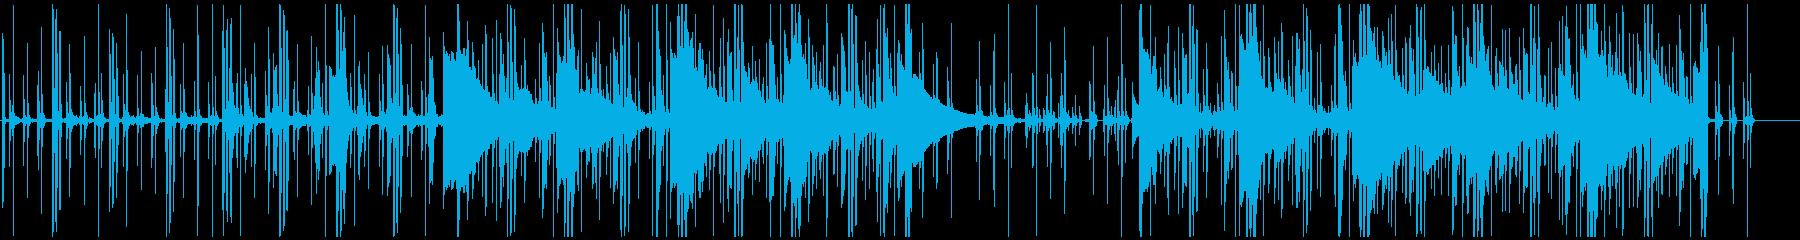 コミカルな日常曲。ポップス。の再生済みの波形